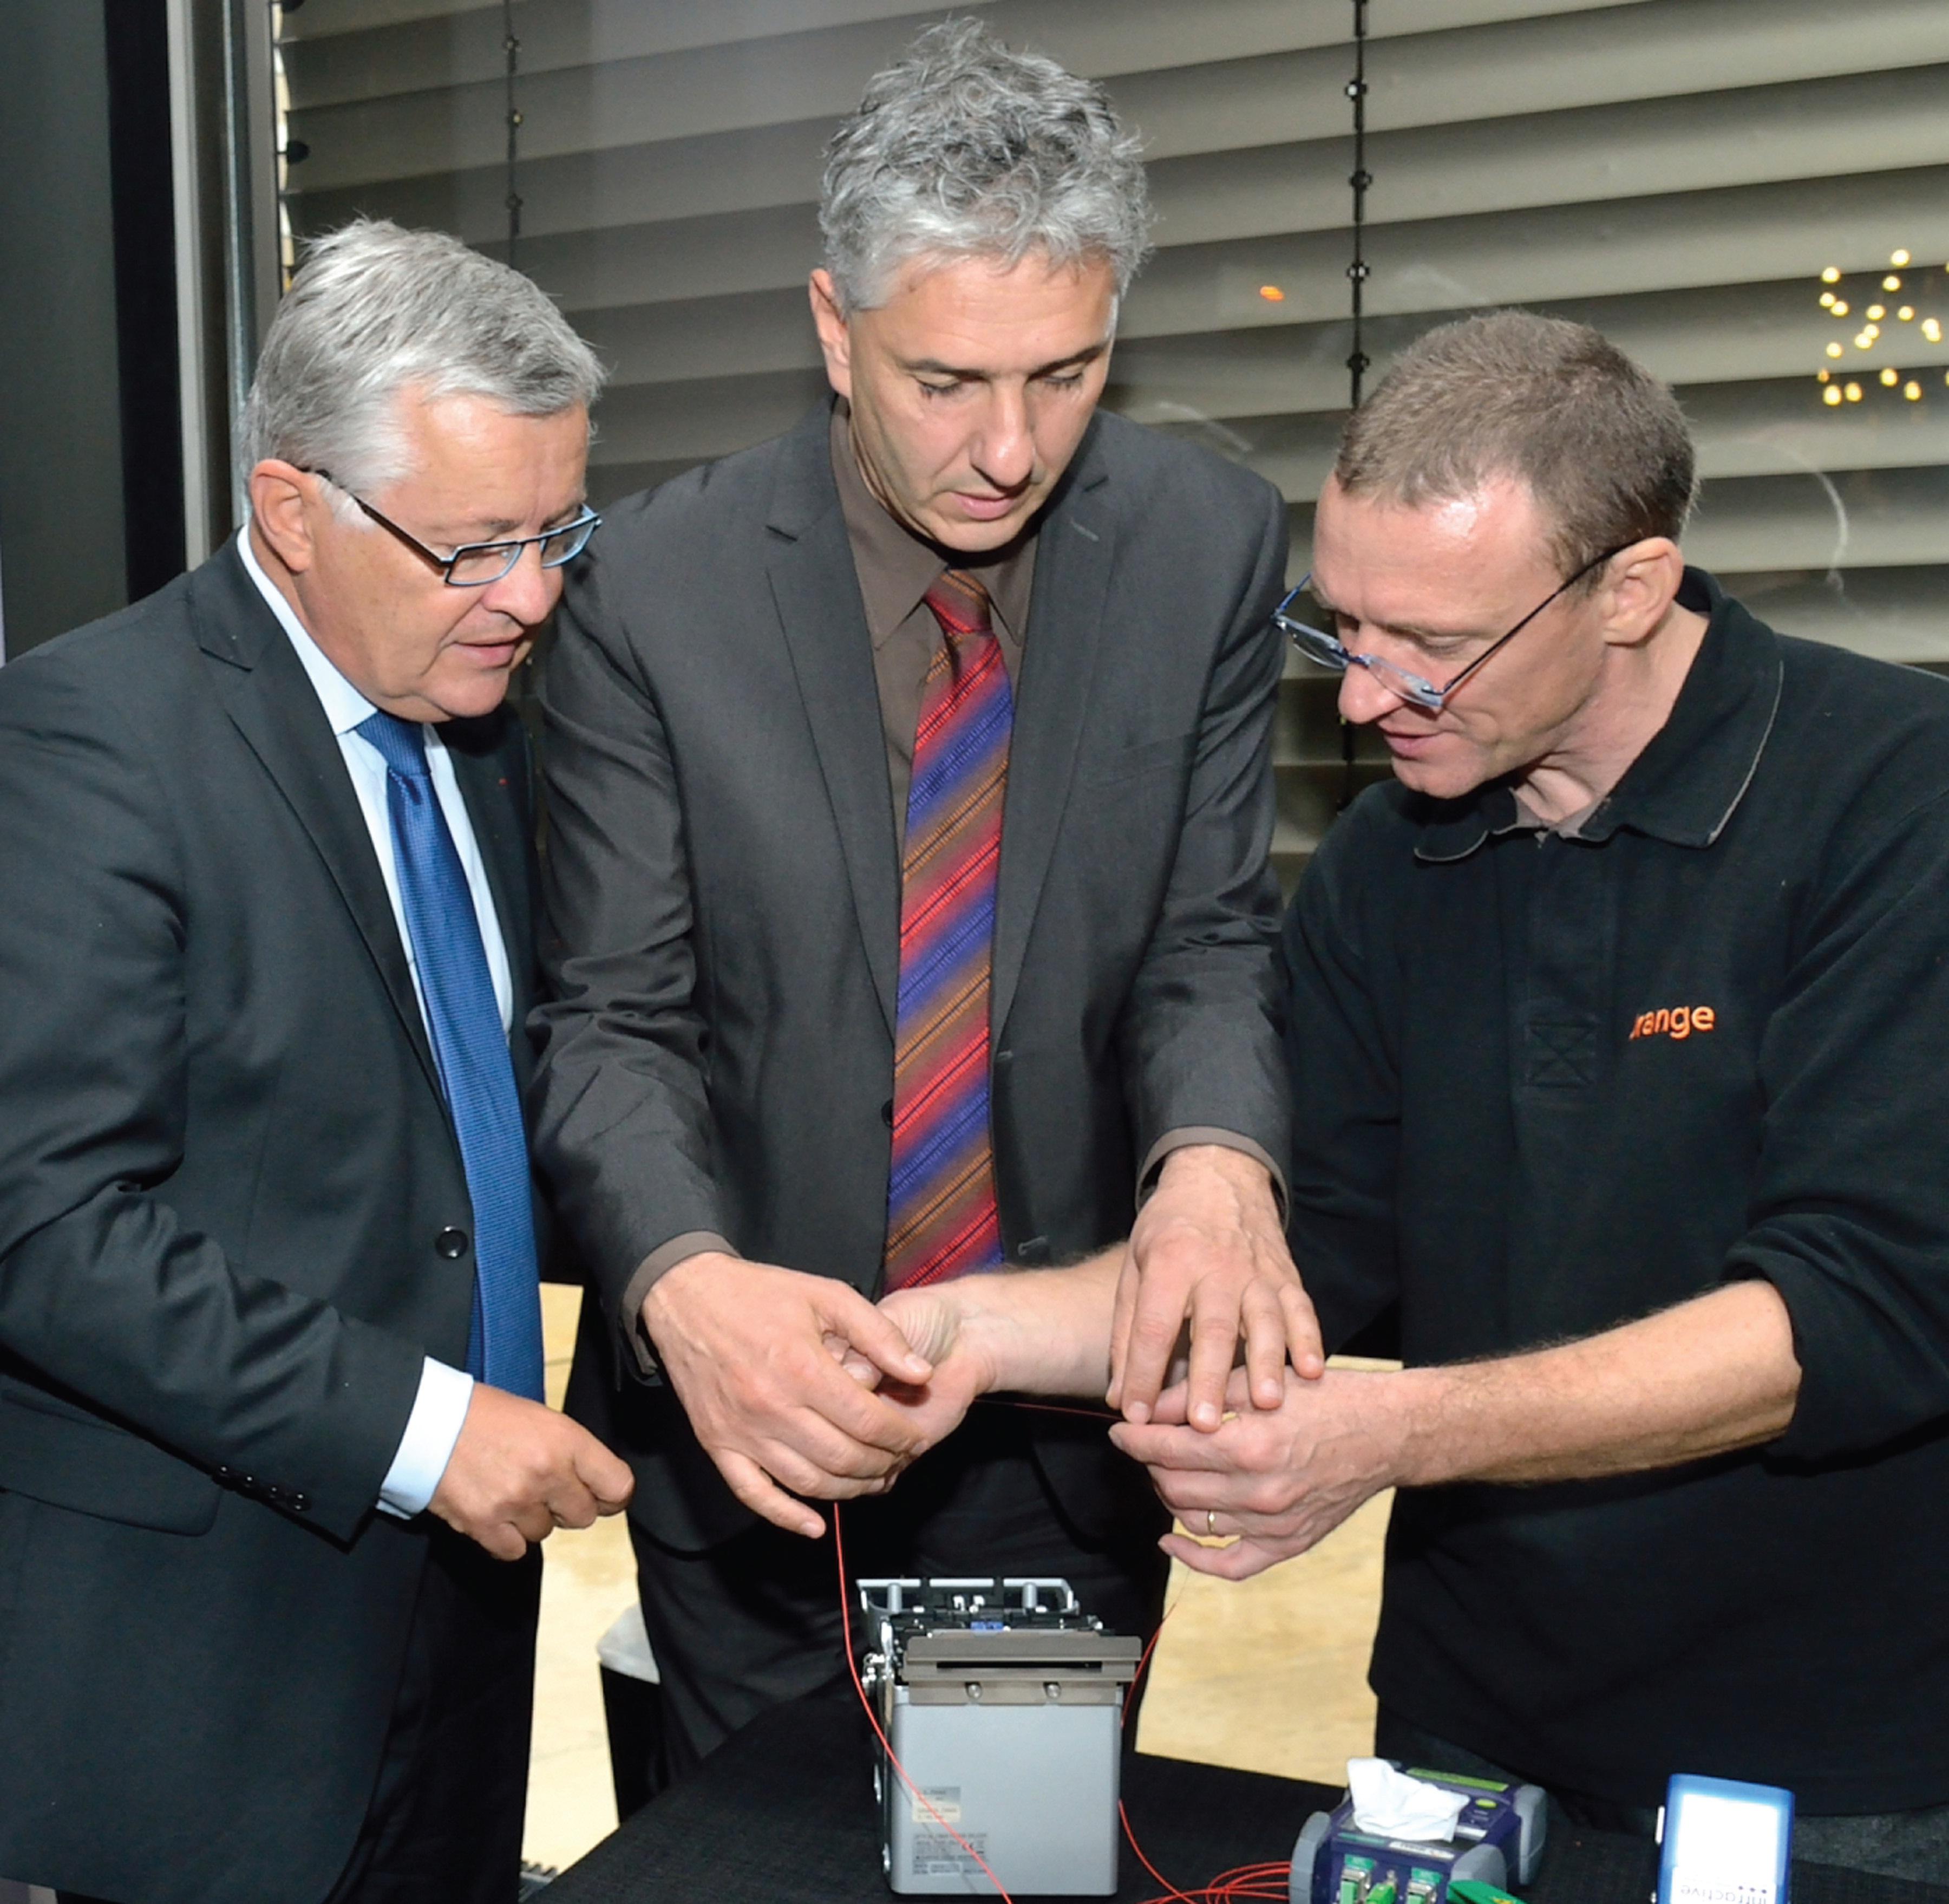 Le 26 septembre dernier Bruno Janet, directeur des relations avec les collectivités locales d'Orange et Stéphane Hablot, le maire de Vandoeuvre, ont annoncé l'arrivée de la fibre optique à Vandoeuvre.